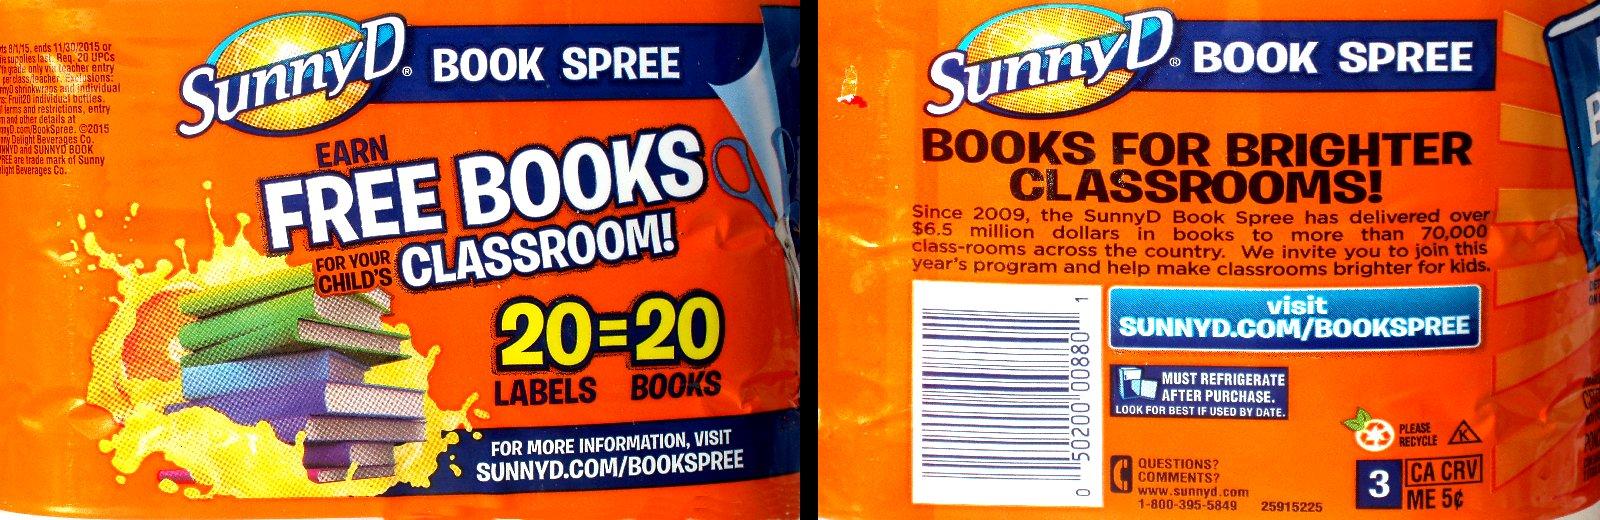 Sunnybooks